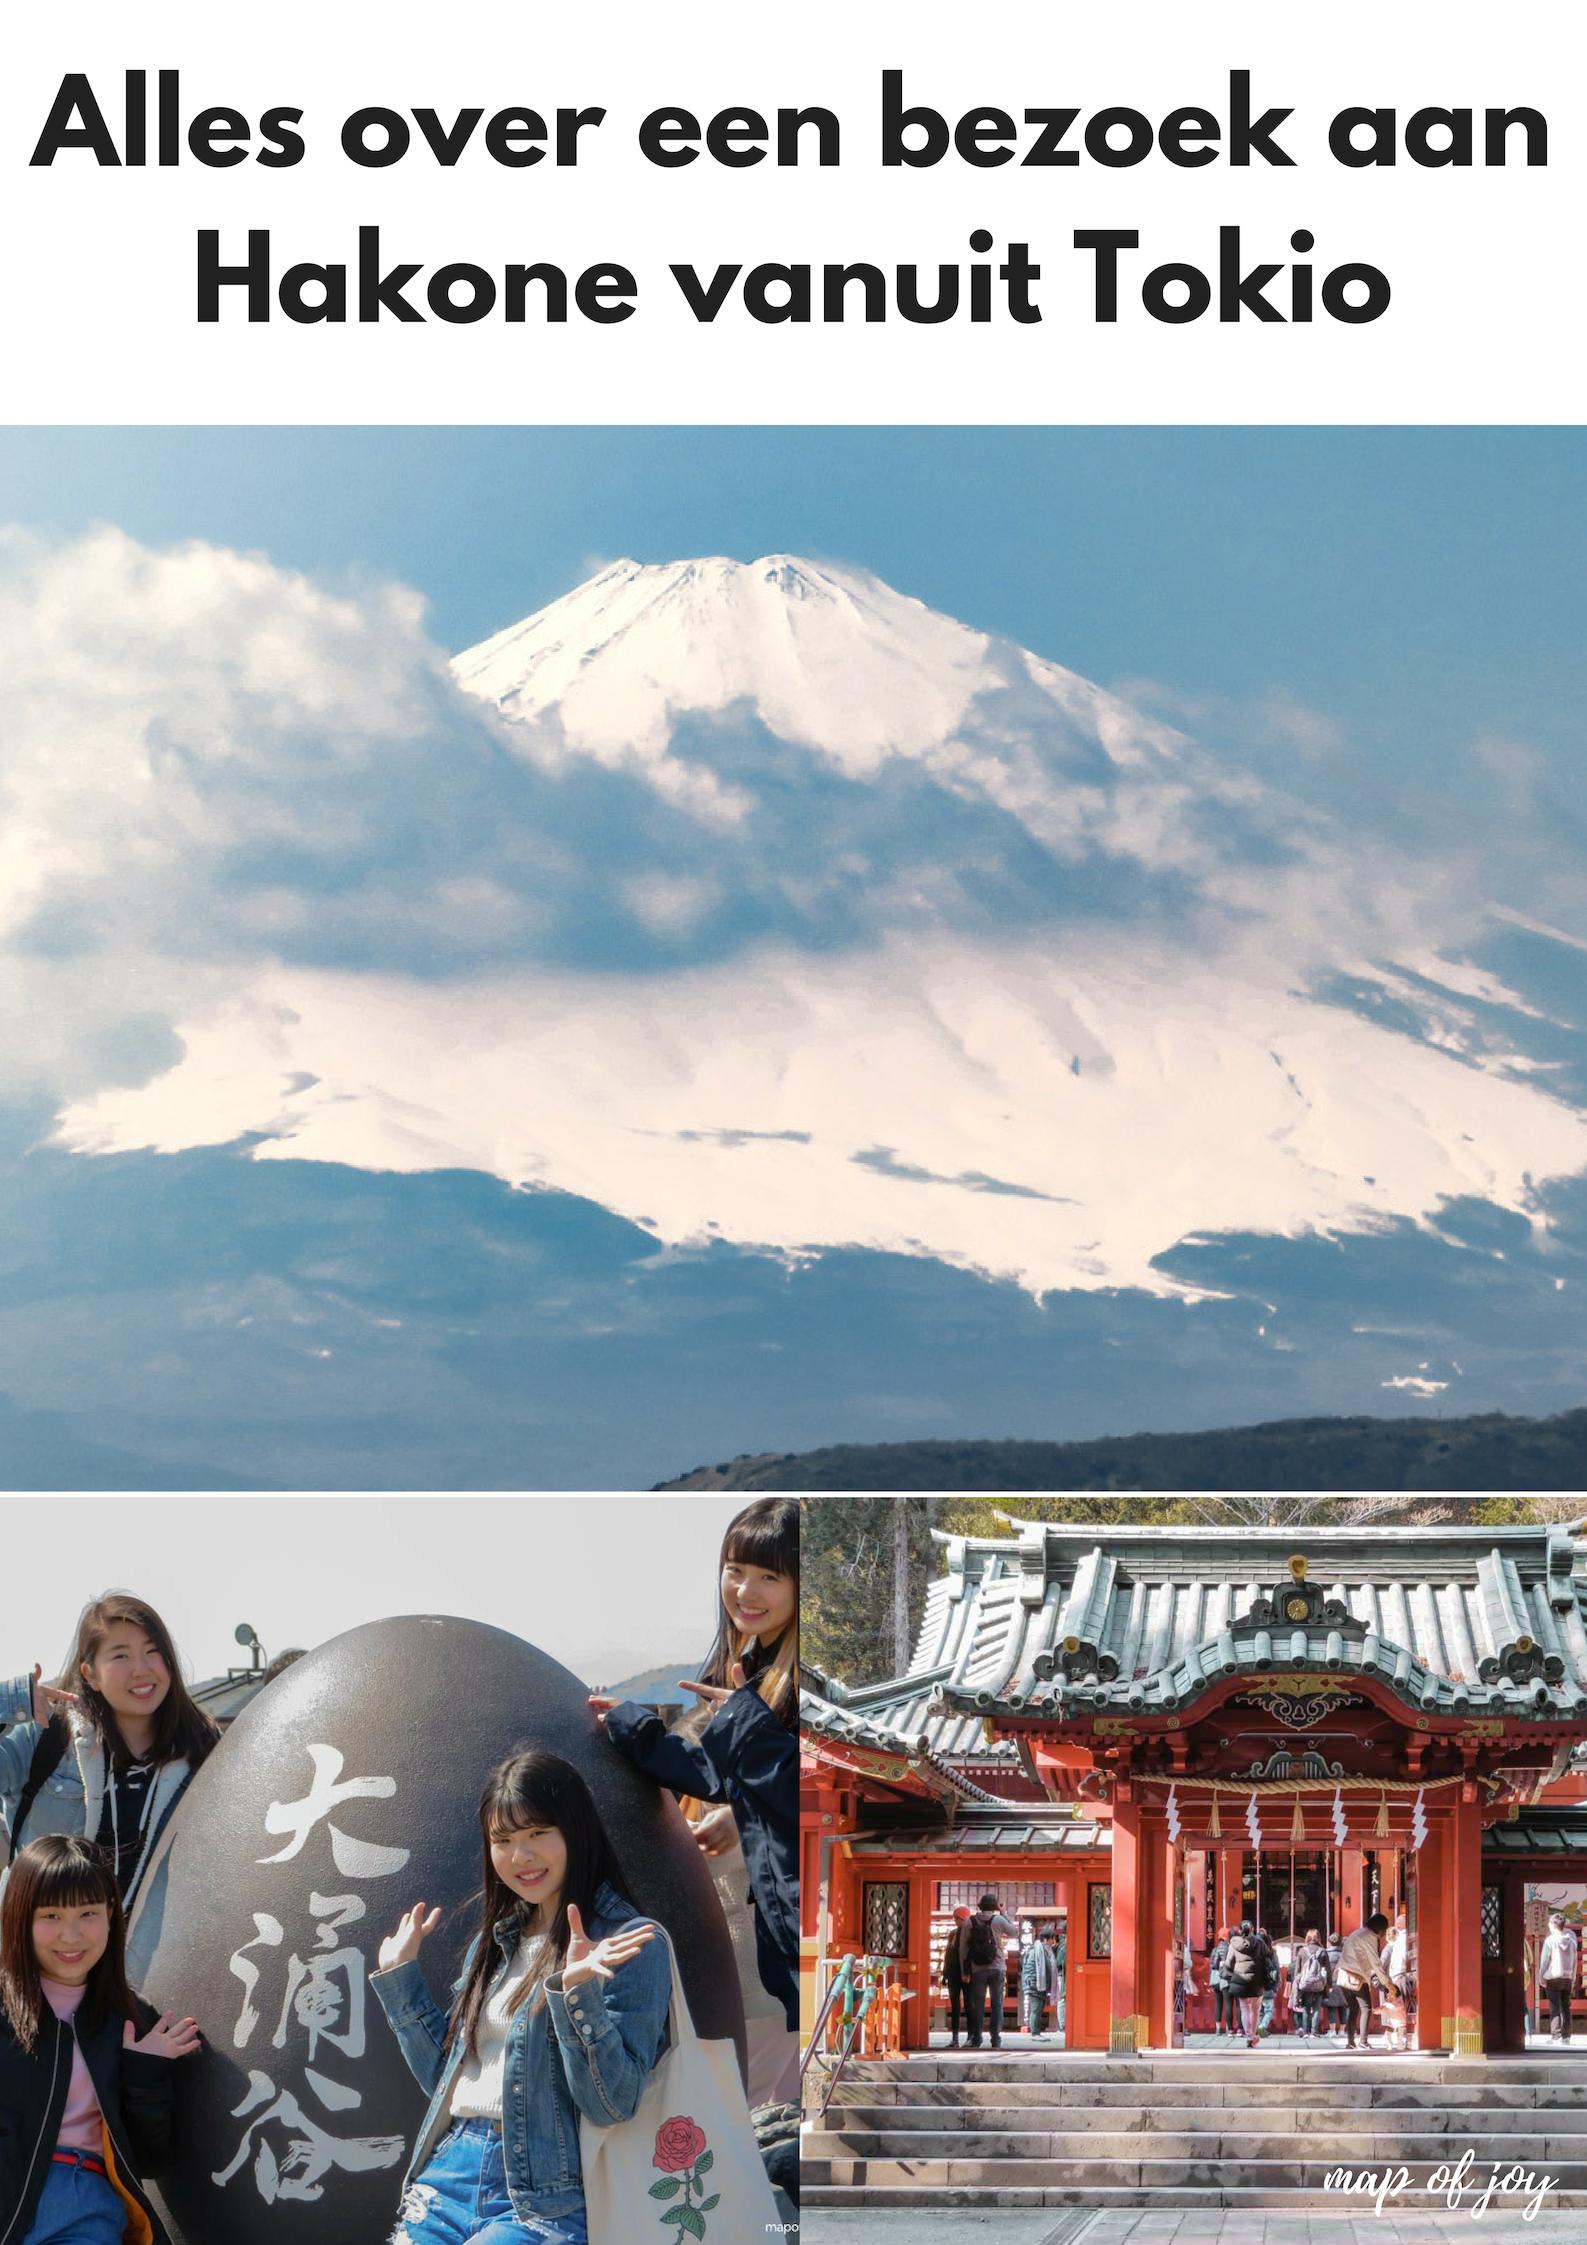 Alles over een bezoek aan Hakone vanuit Tokio - Map of Joy